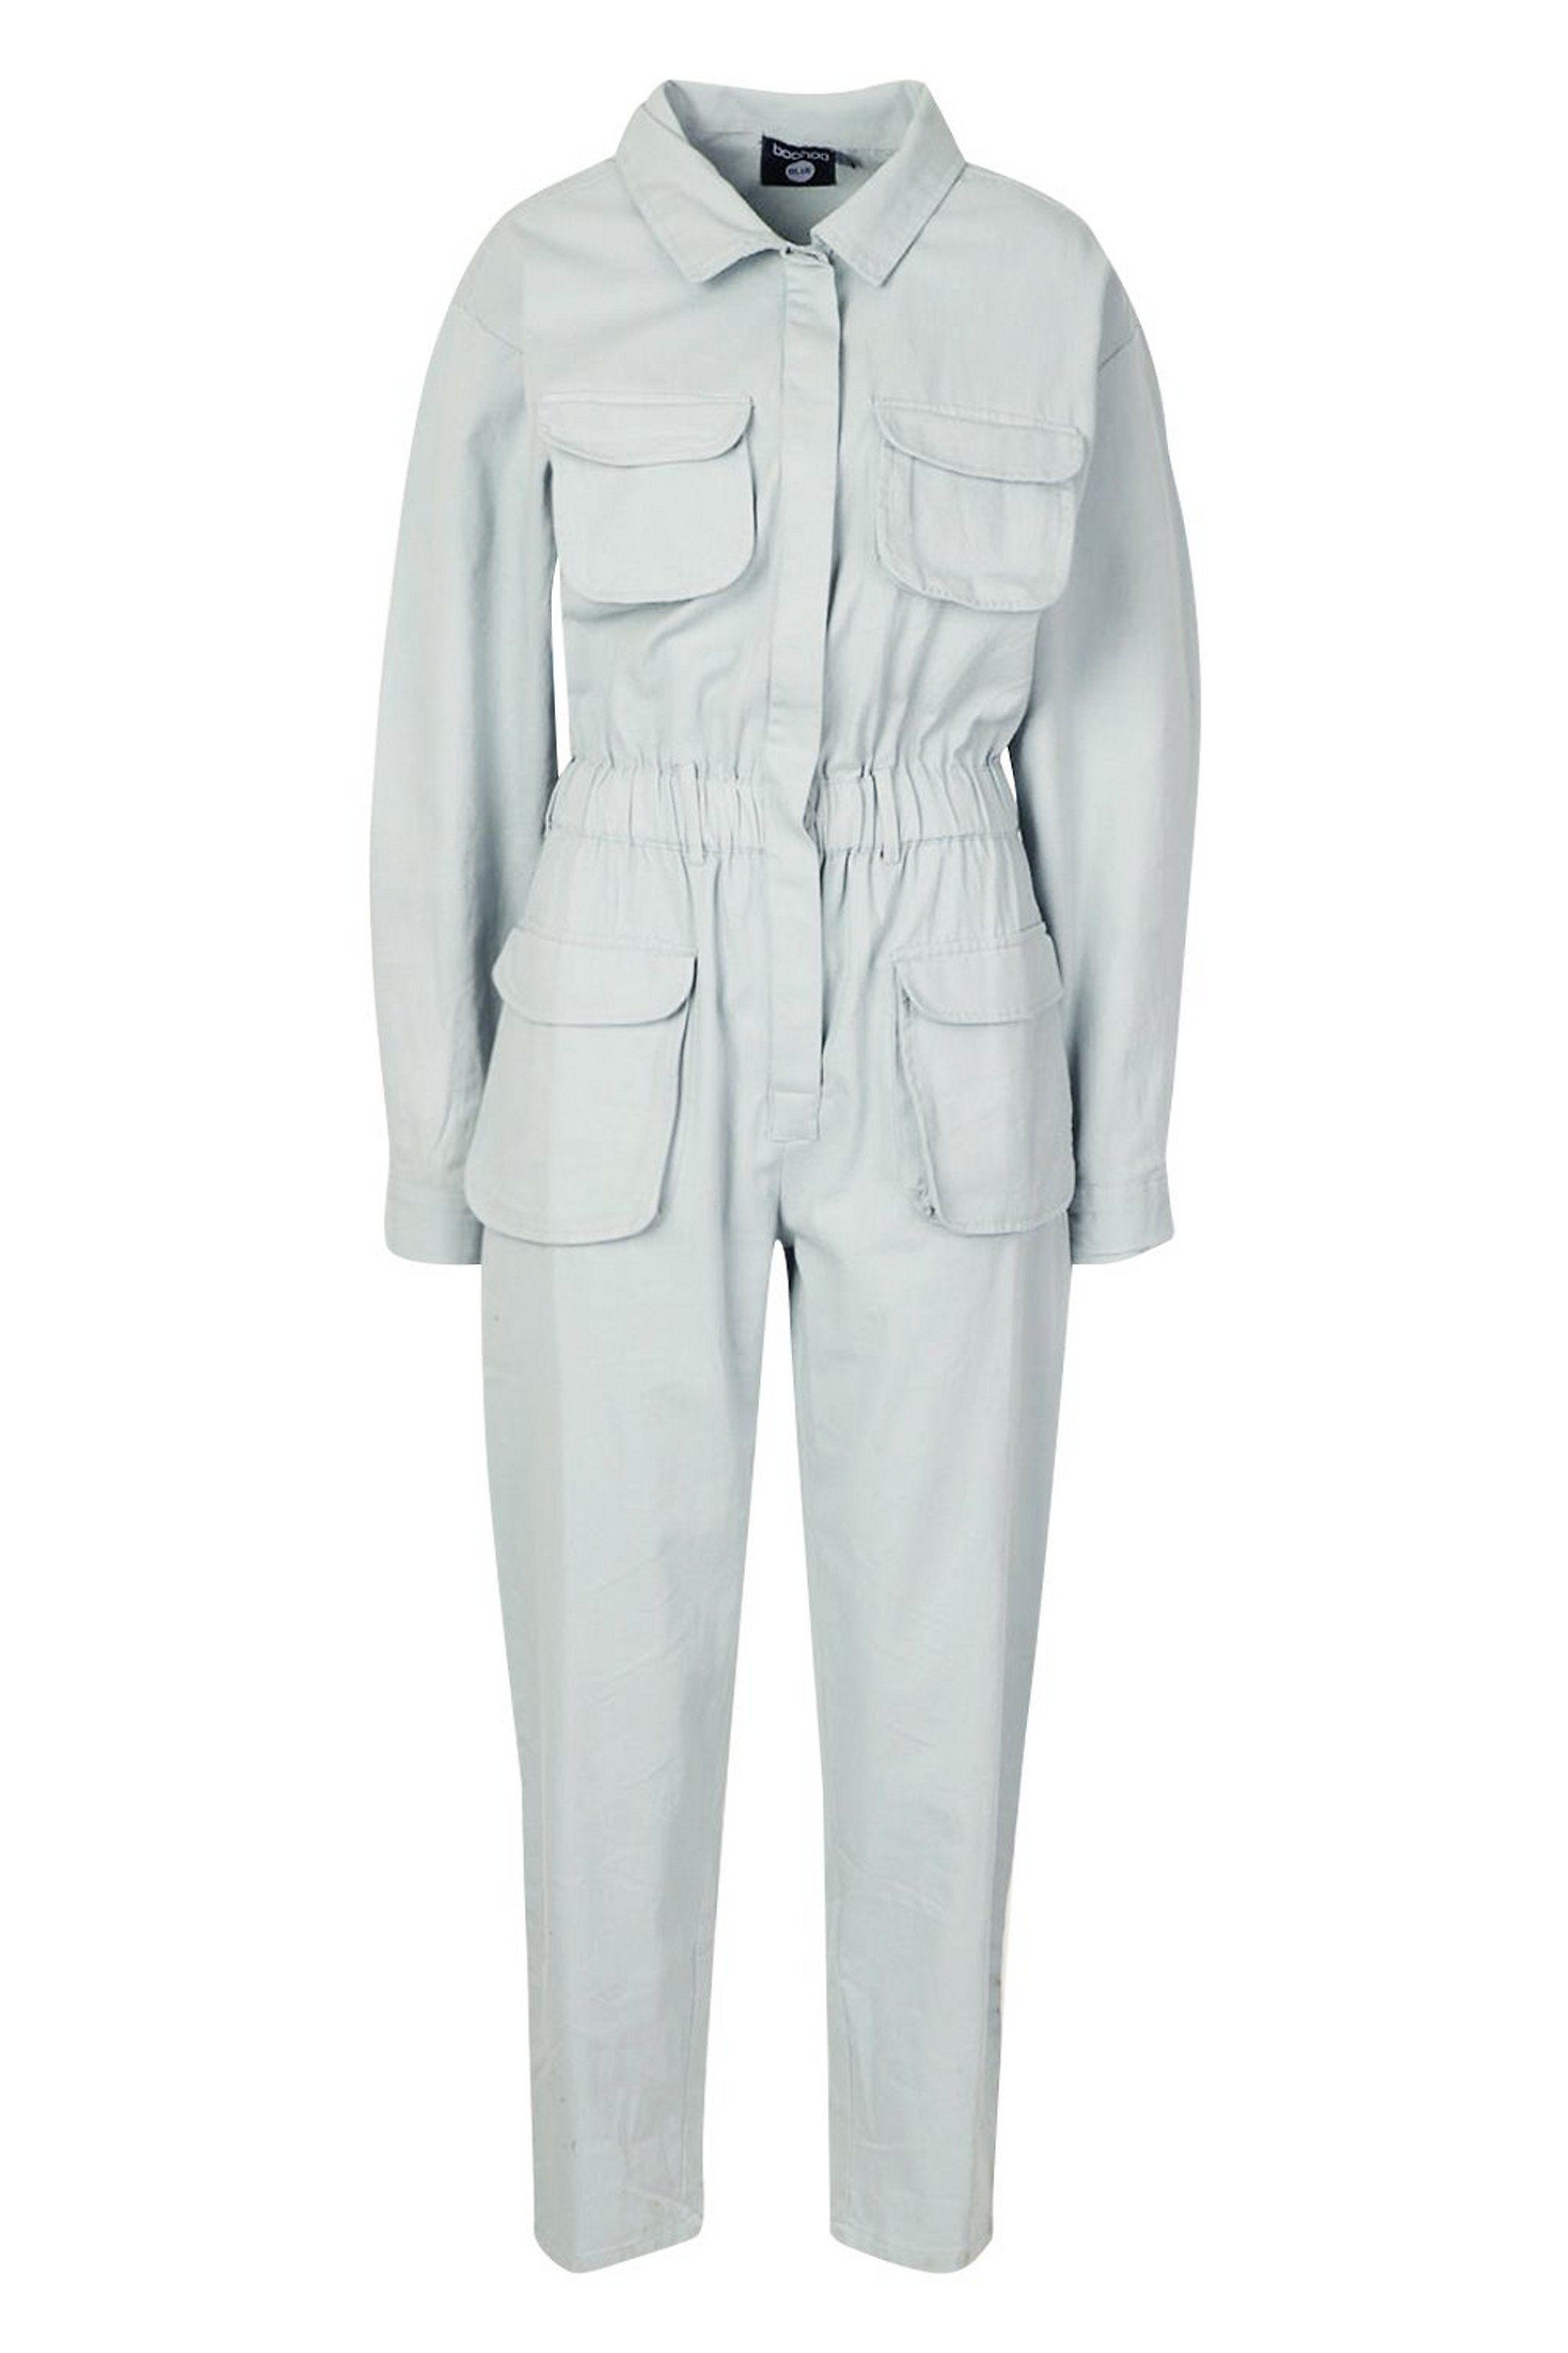 Utility Denim Boilersuit Boohoo Boiler Suit Perfect Jeans Fit Denim